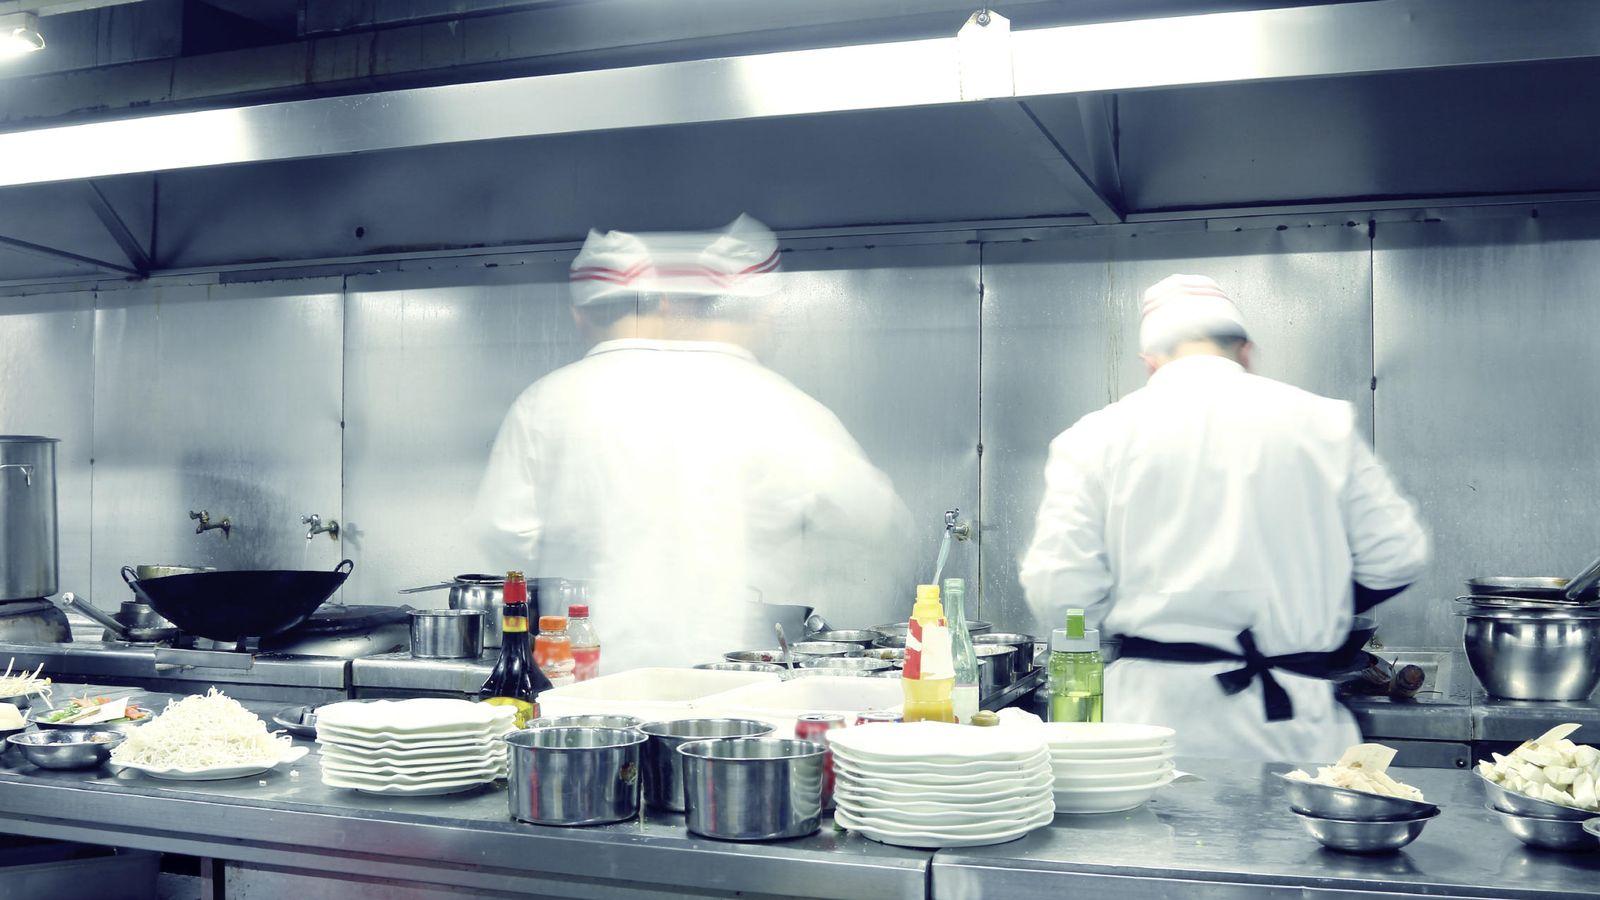 Trabajo que no te enga e masterchef el miserable mundo - Cocinas chef ...